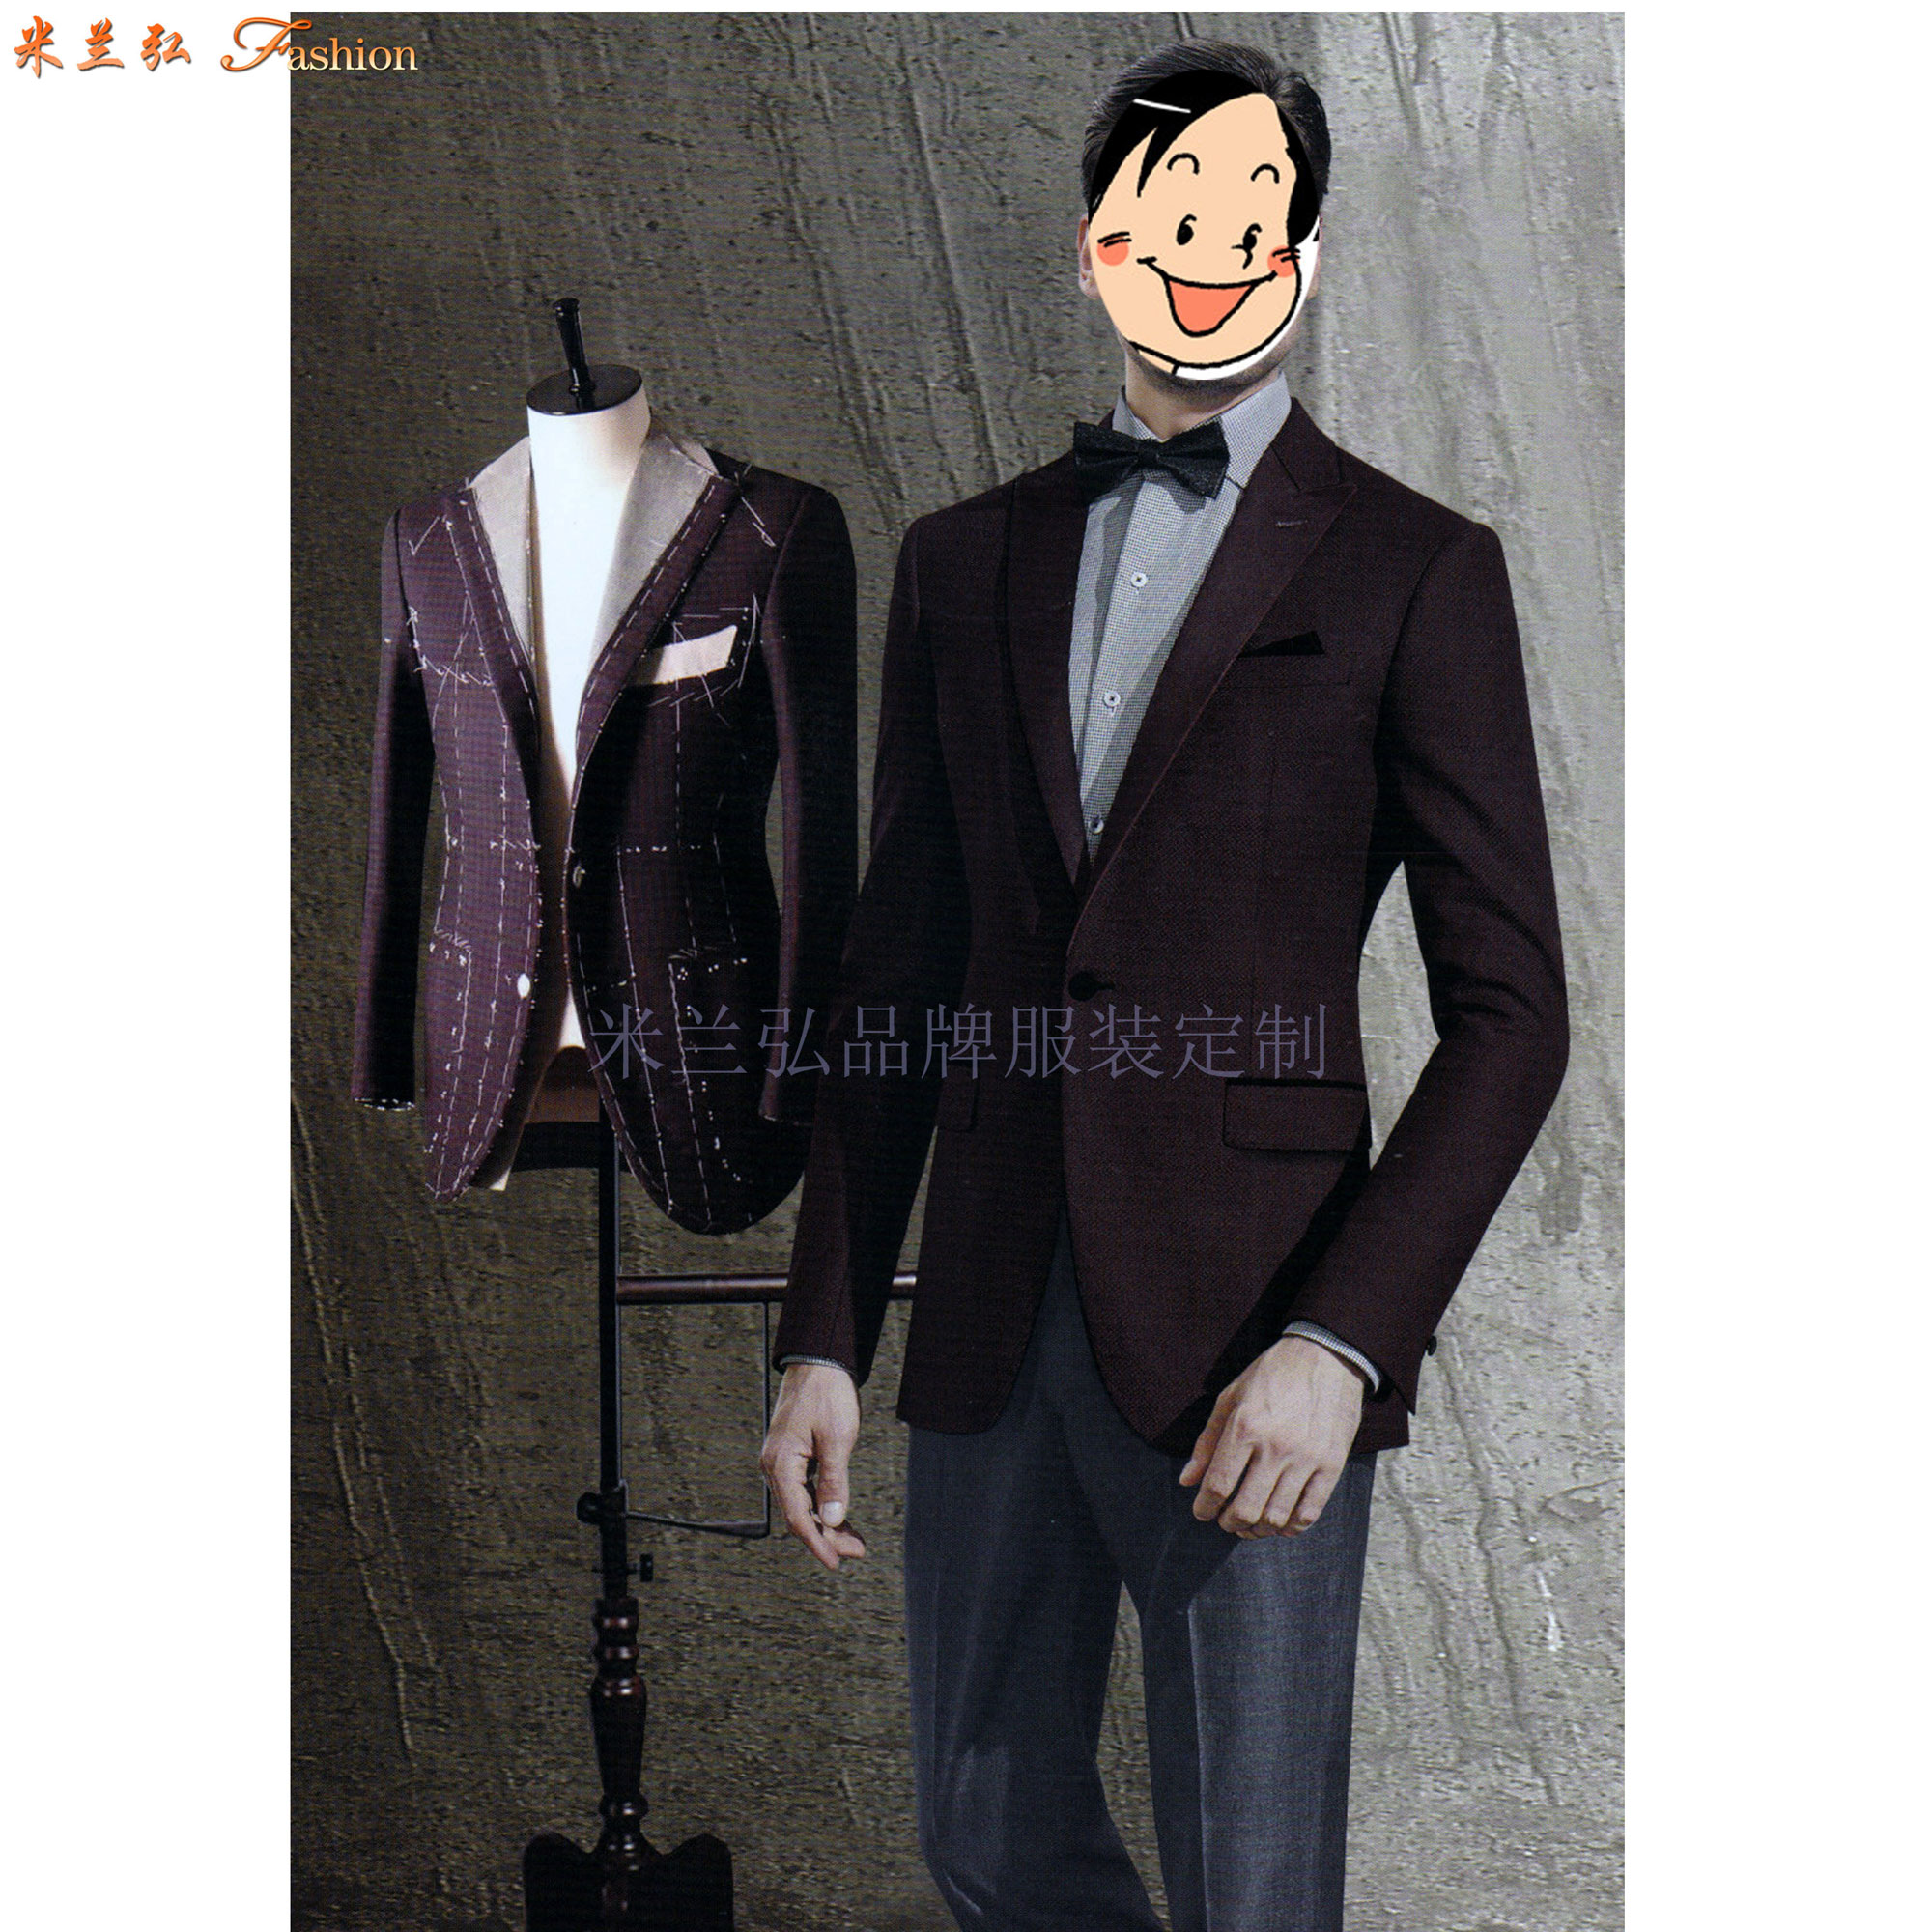 北京西裝訂制店|圖片_價格_流程_面料_量體_品牌-米蘭弘西服